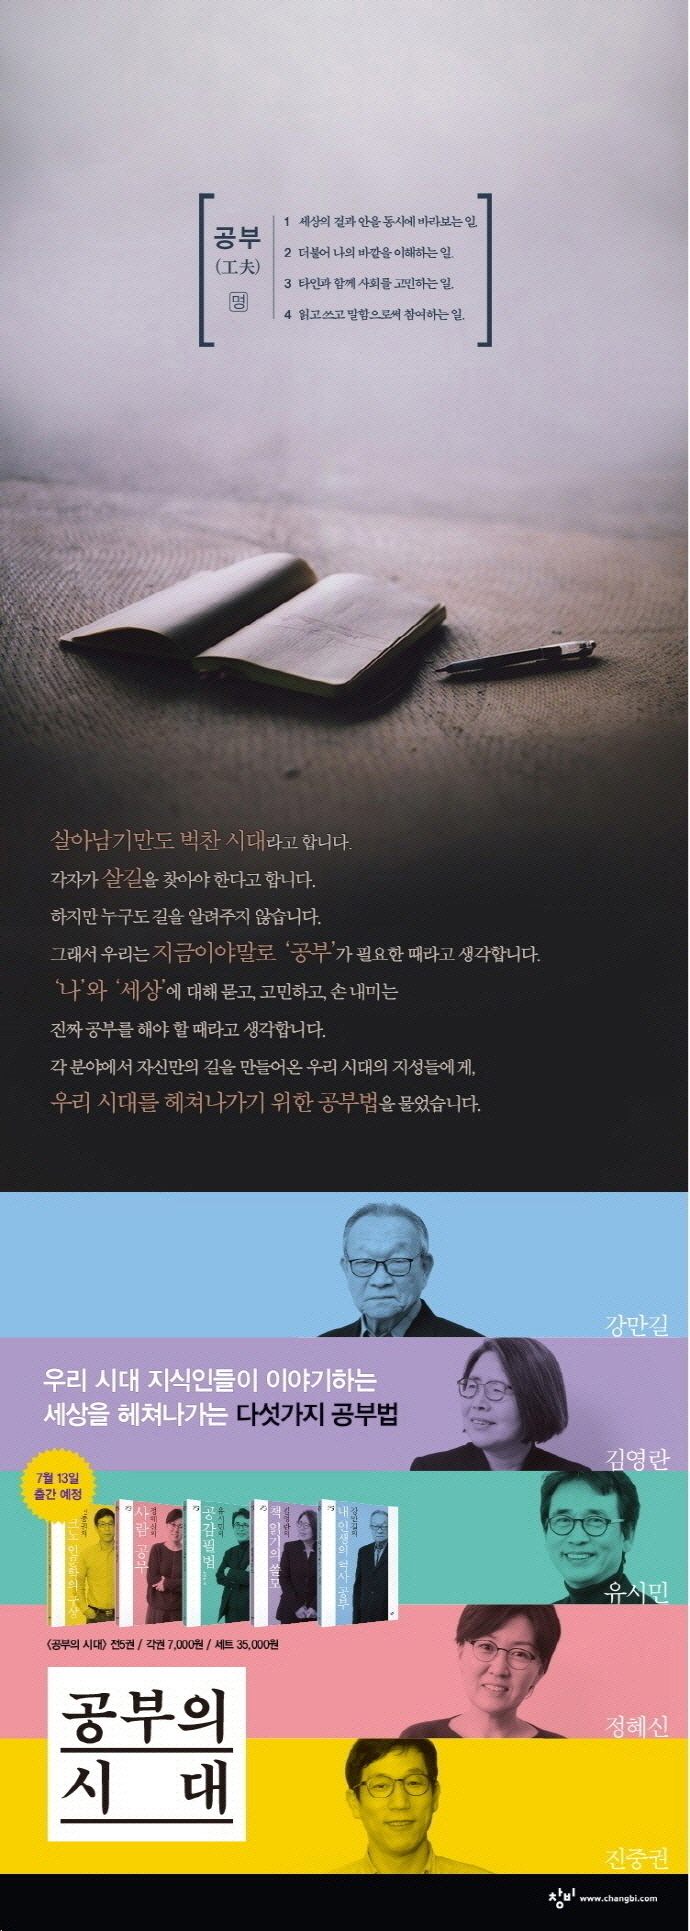 유시민의 공감필법(공부의 시대)(양장본 HardCover) 도서 상세이미지